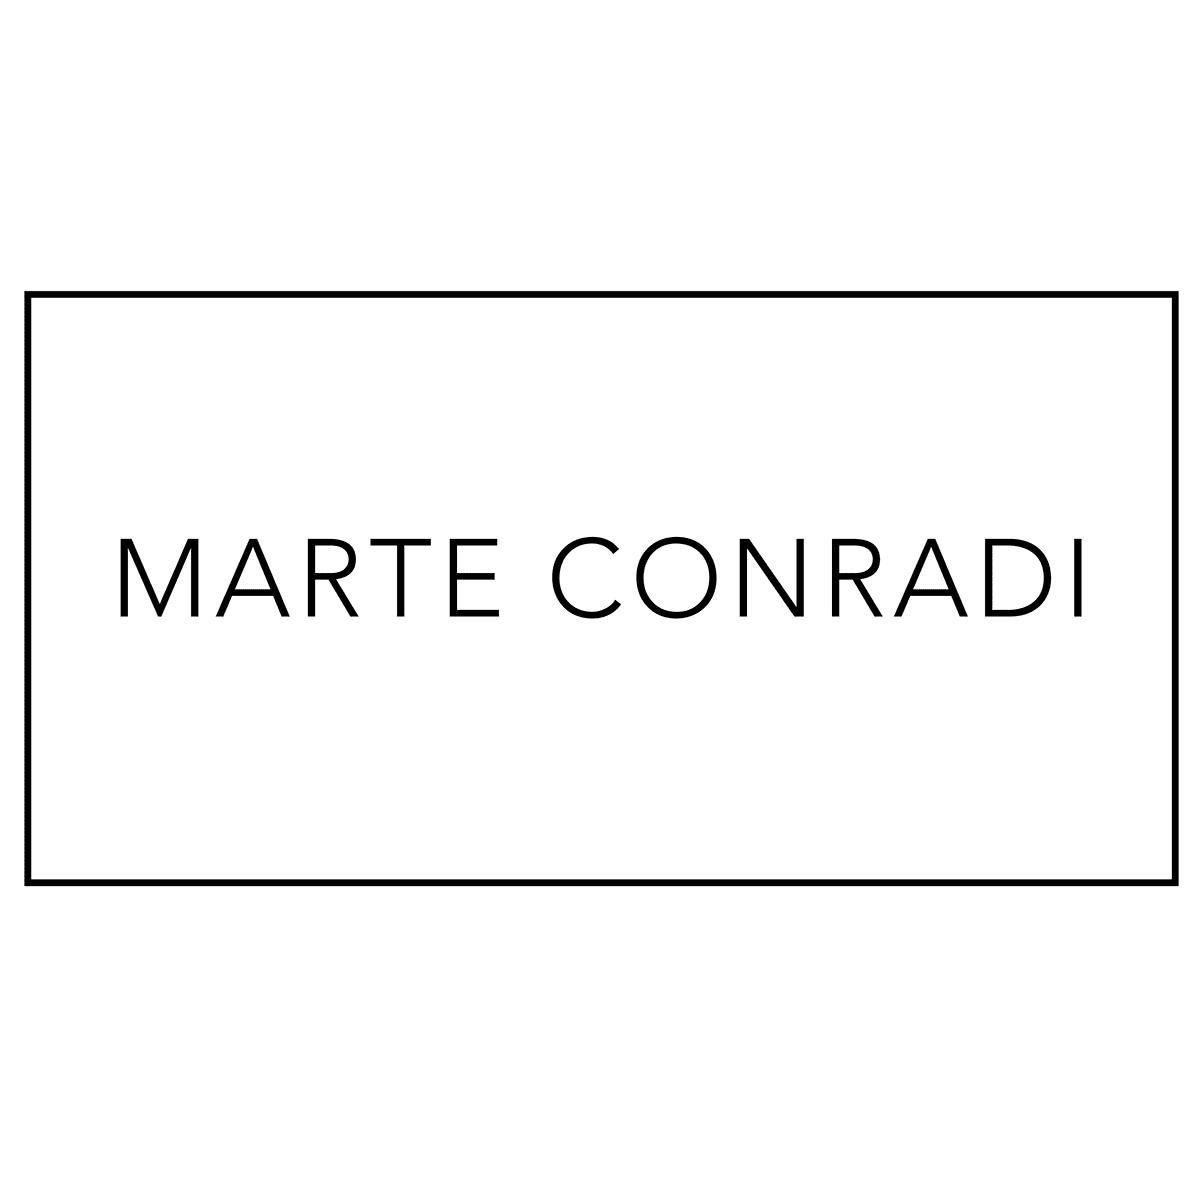 Marte Conradi logo